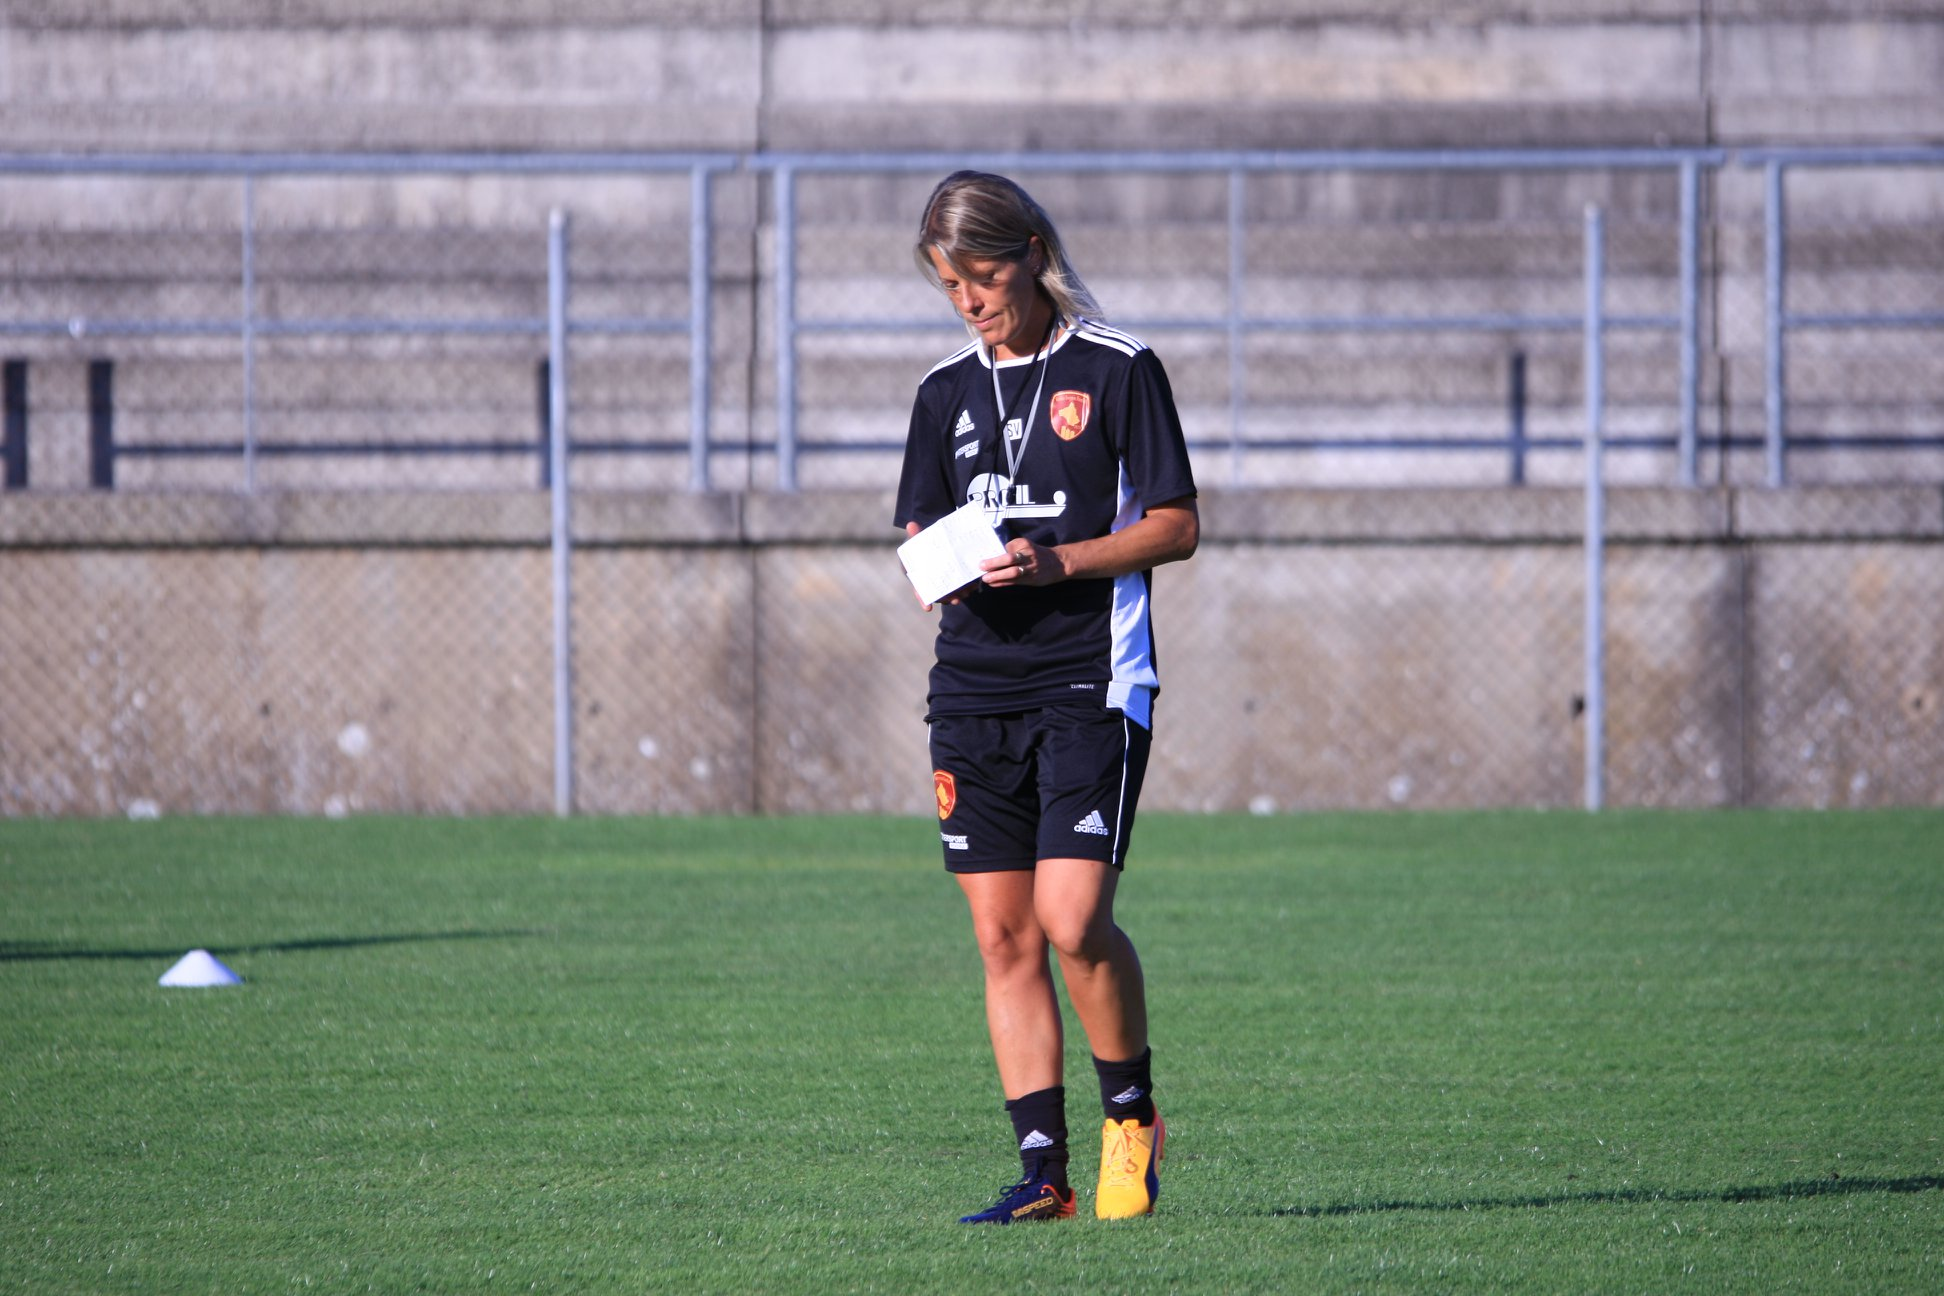 Viguier, seule femme entraîneur en D1 cette saison (photo RAF)